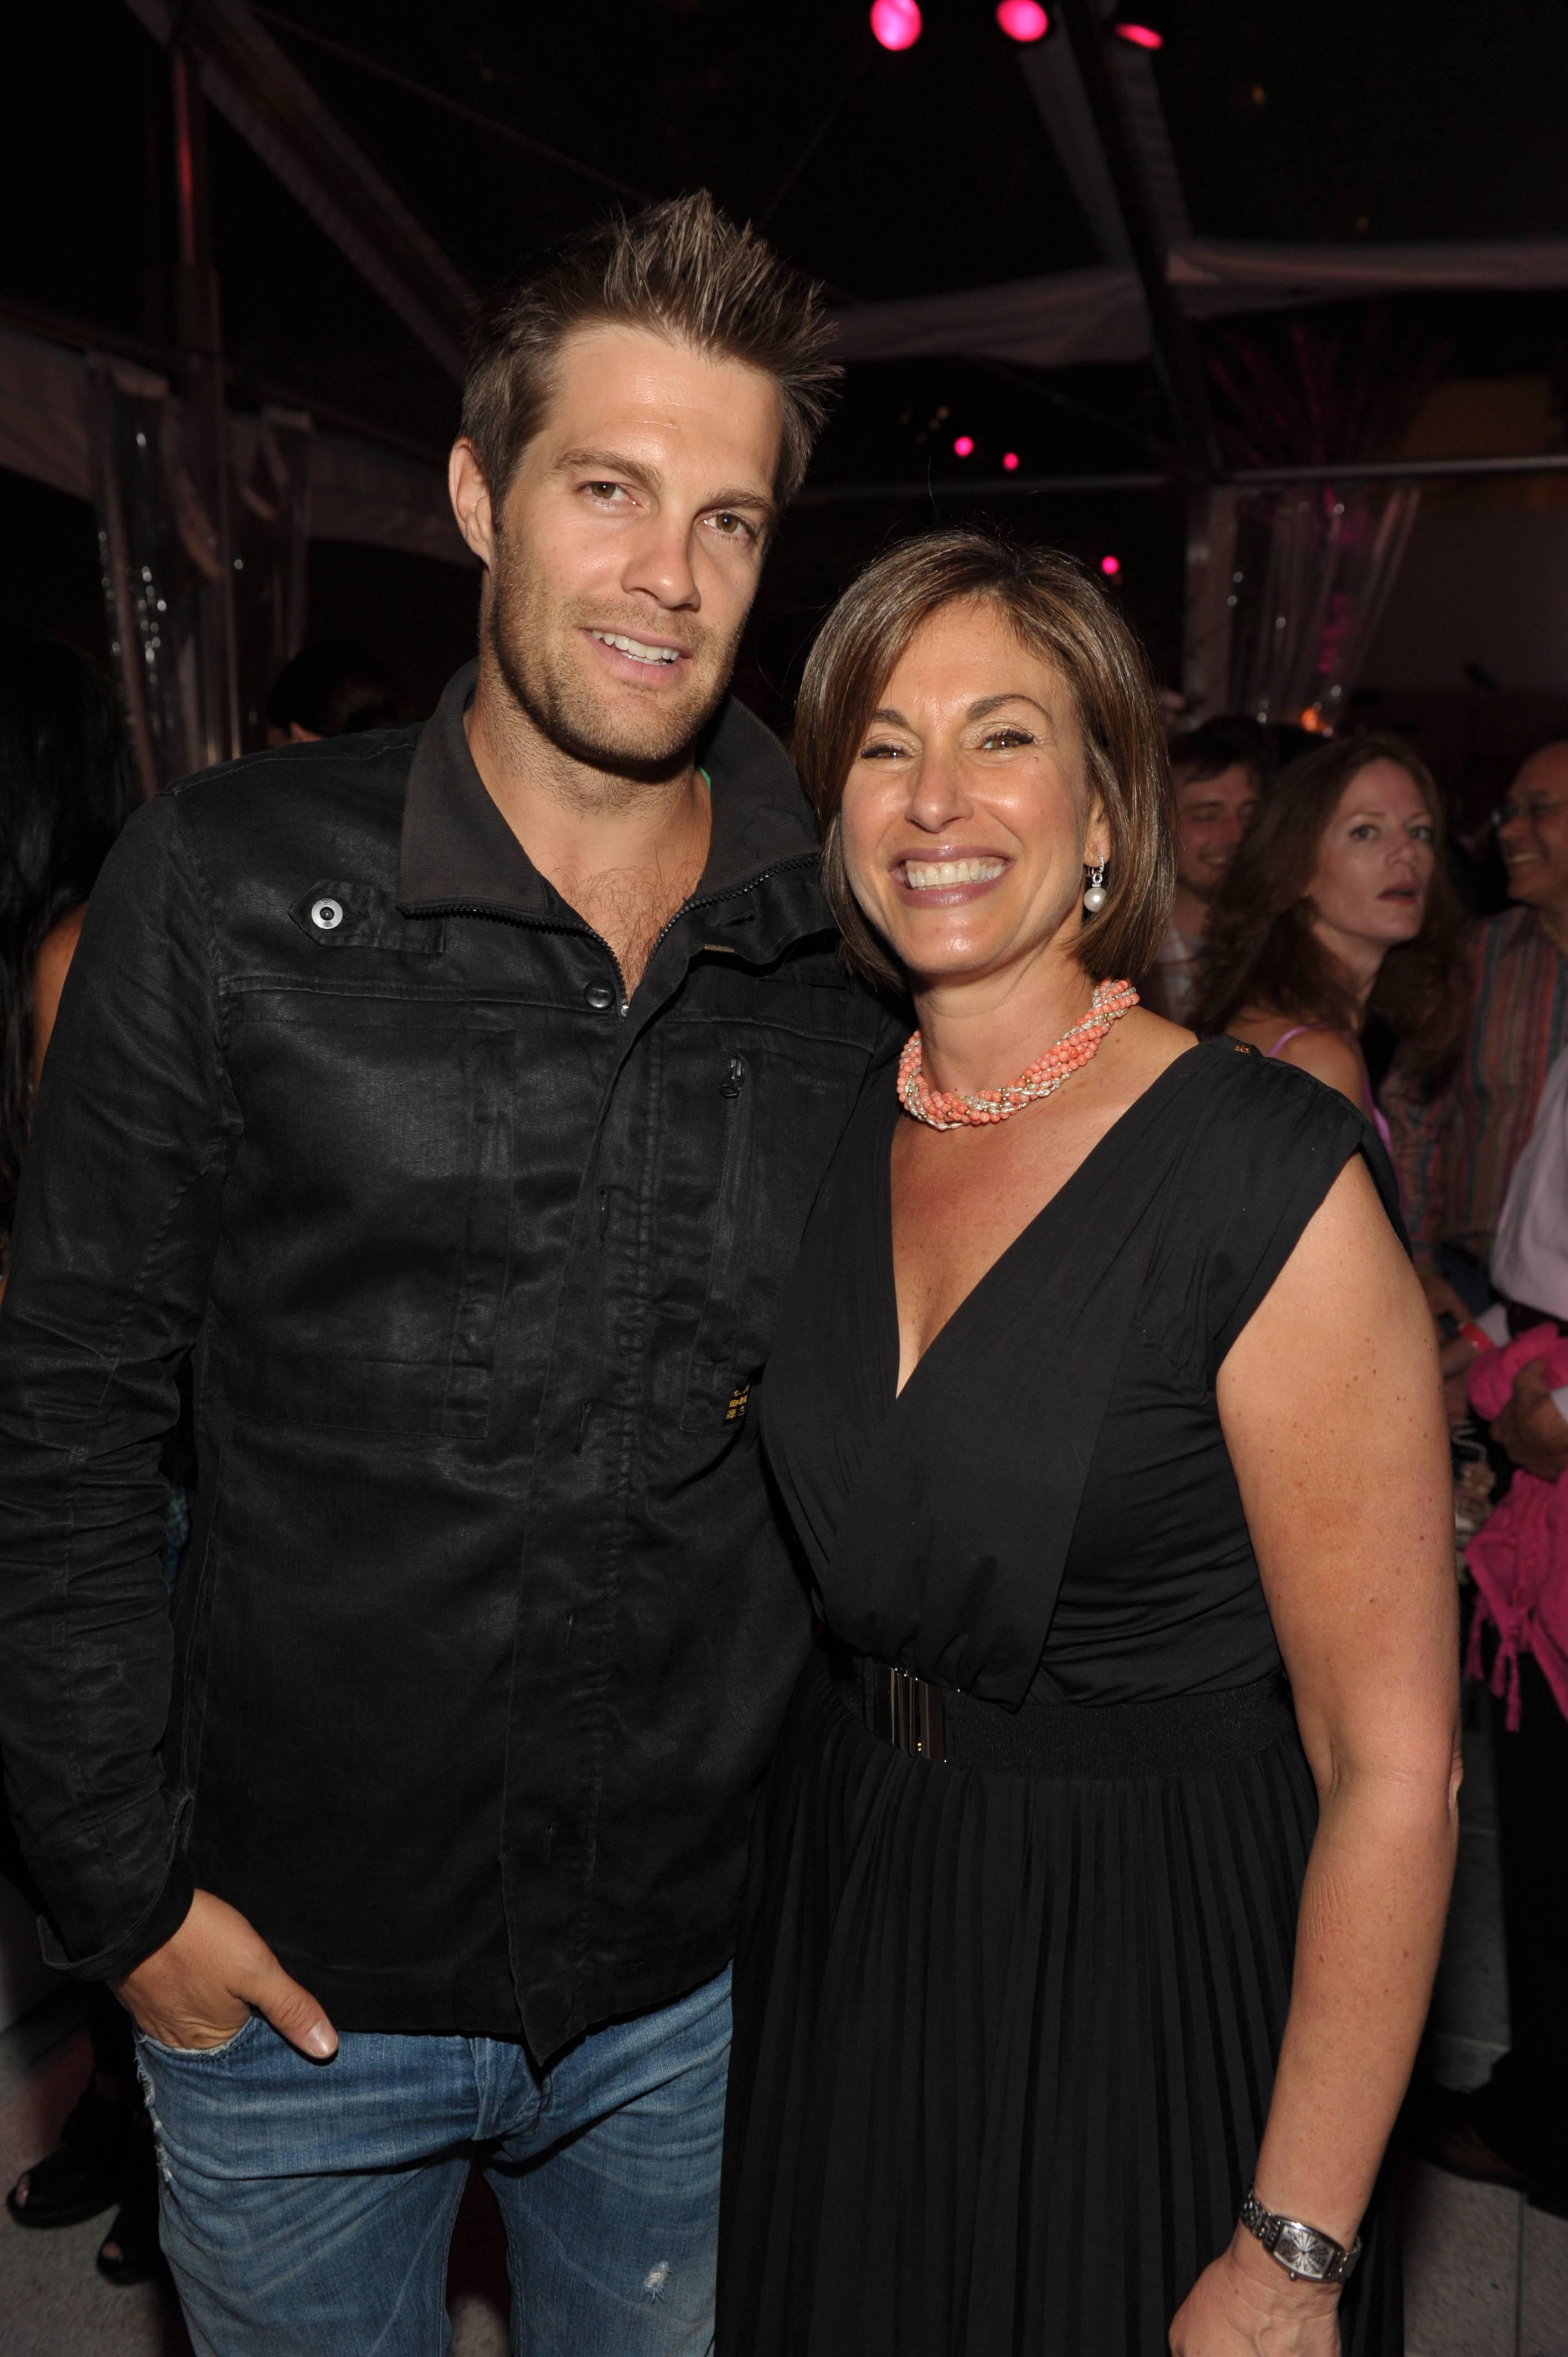 Geoff & Beth